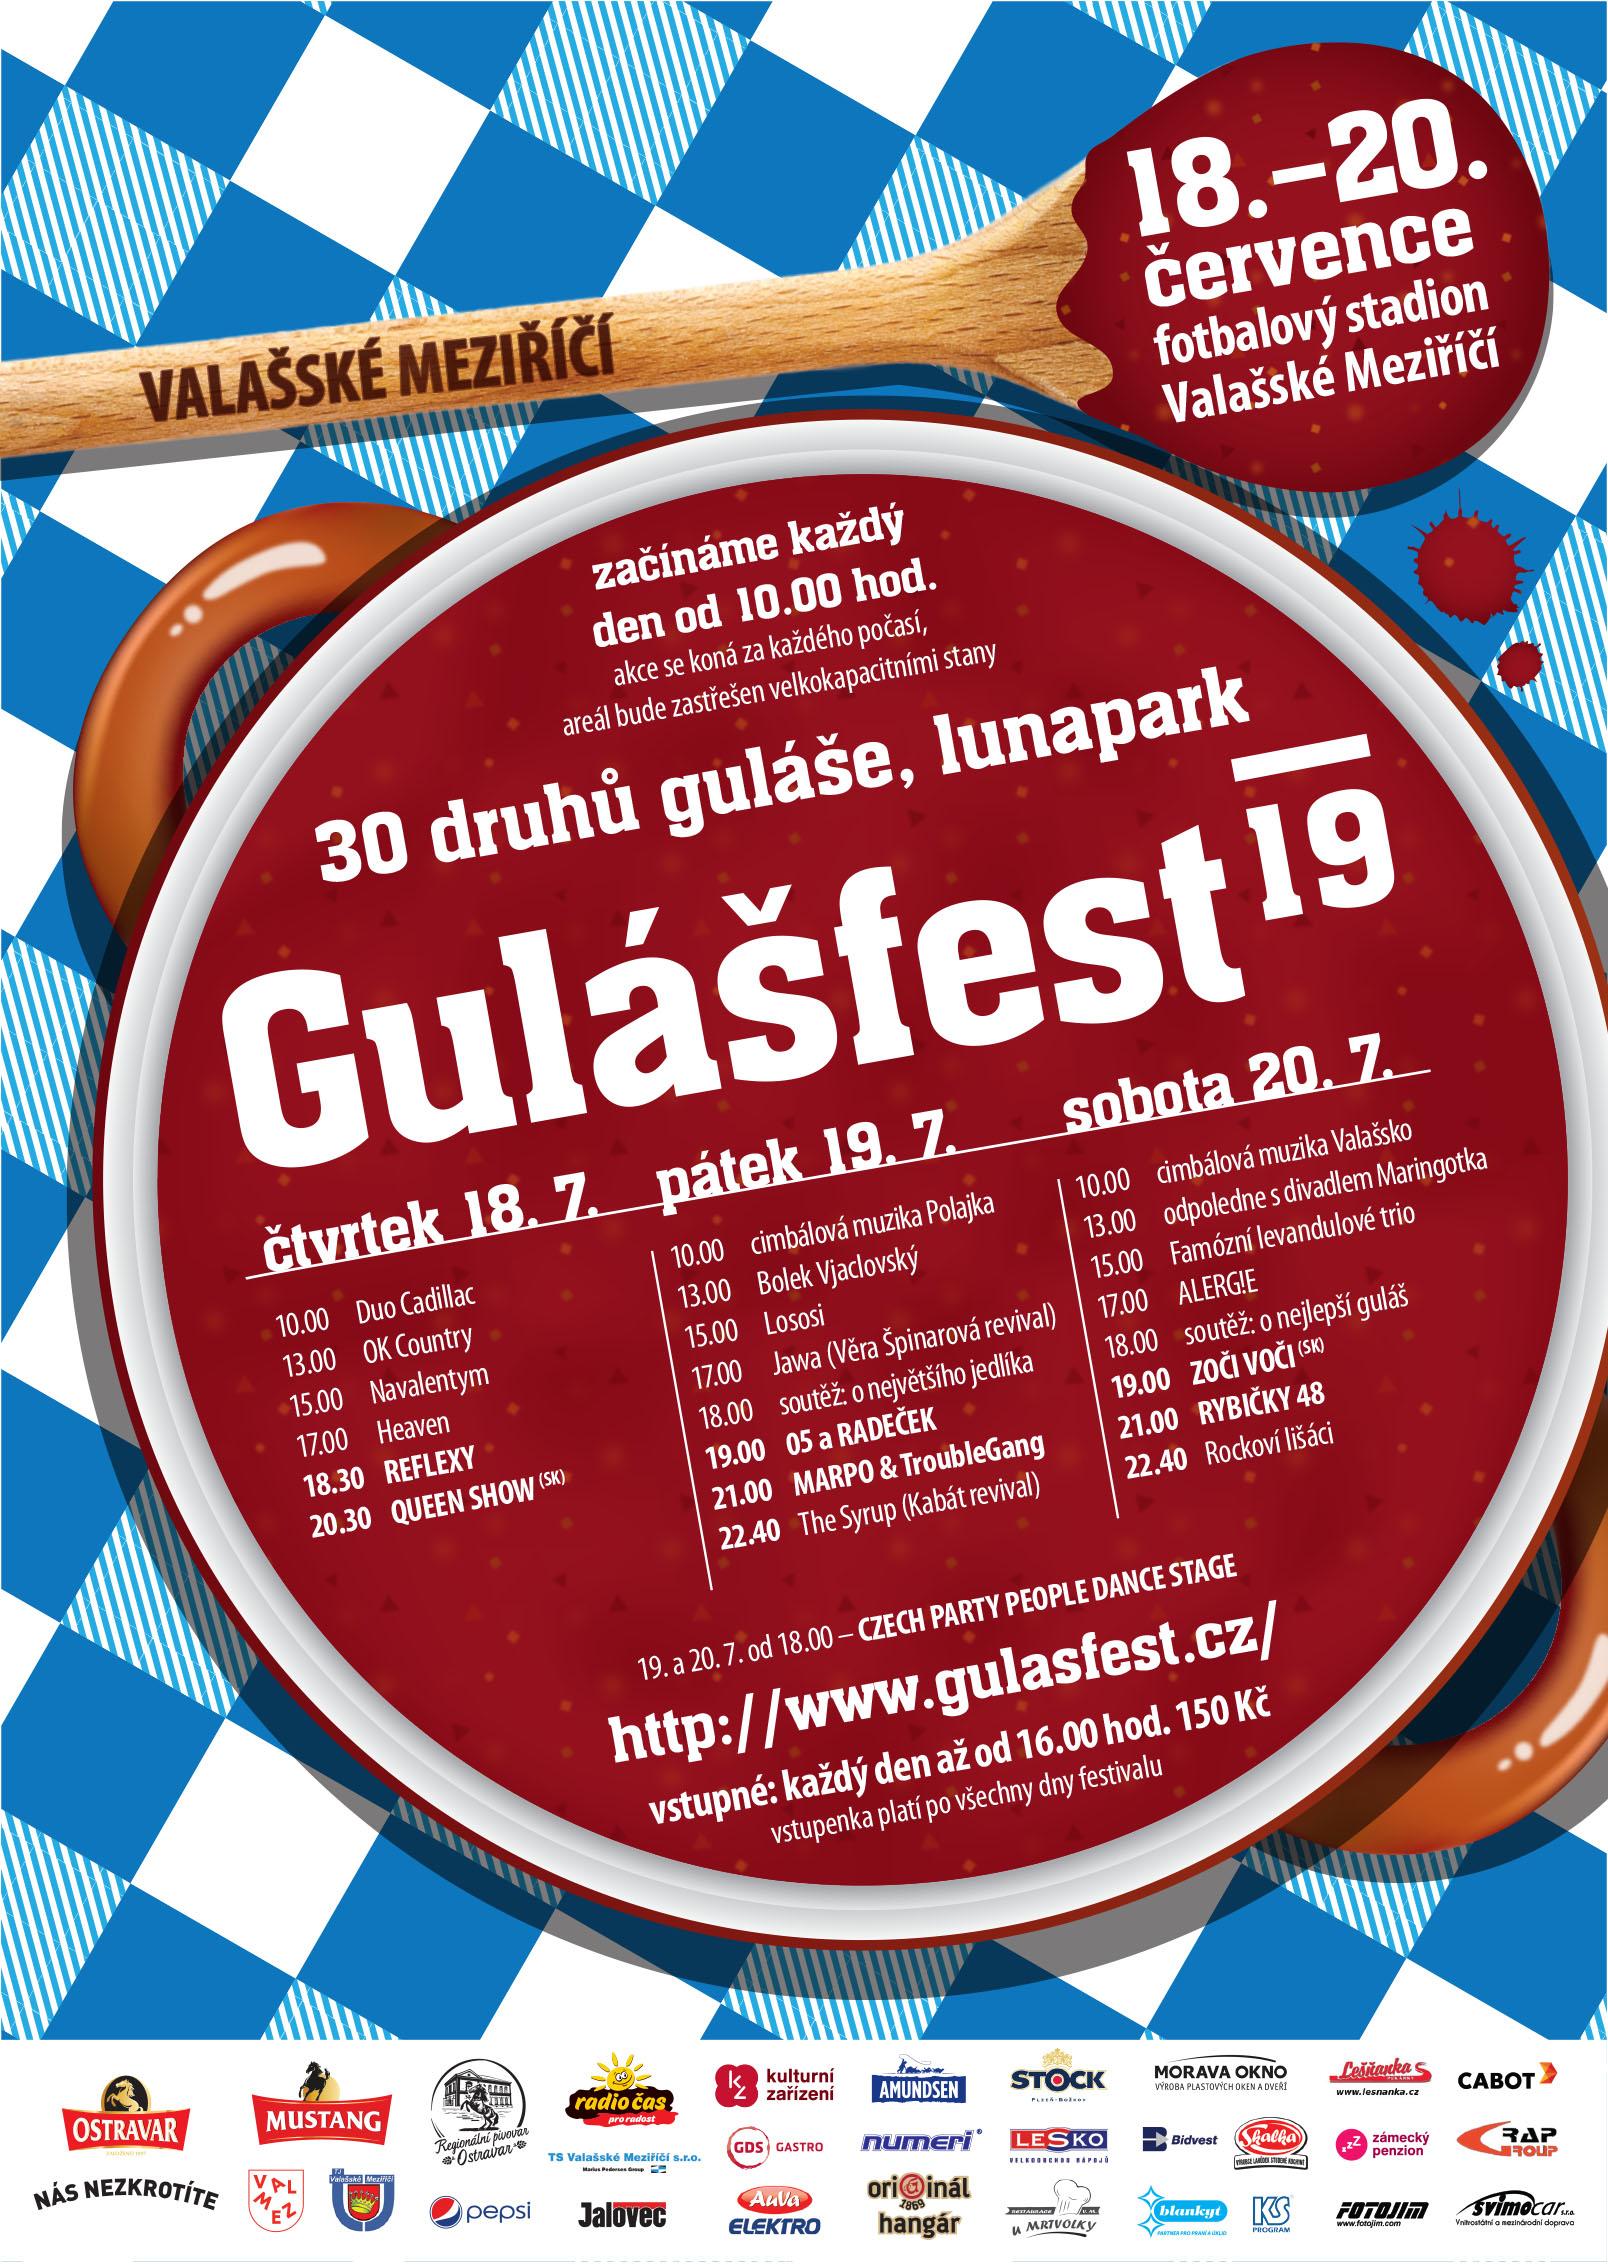 Gulášfest Valašské Meziříčí